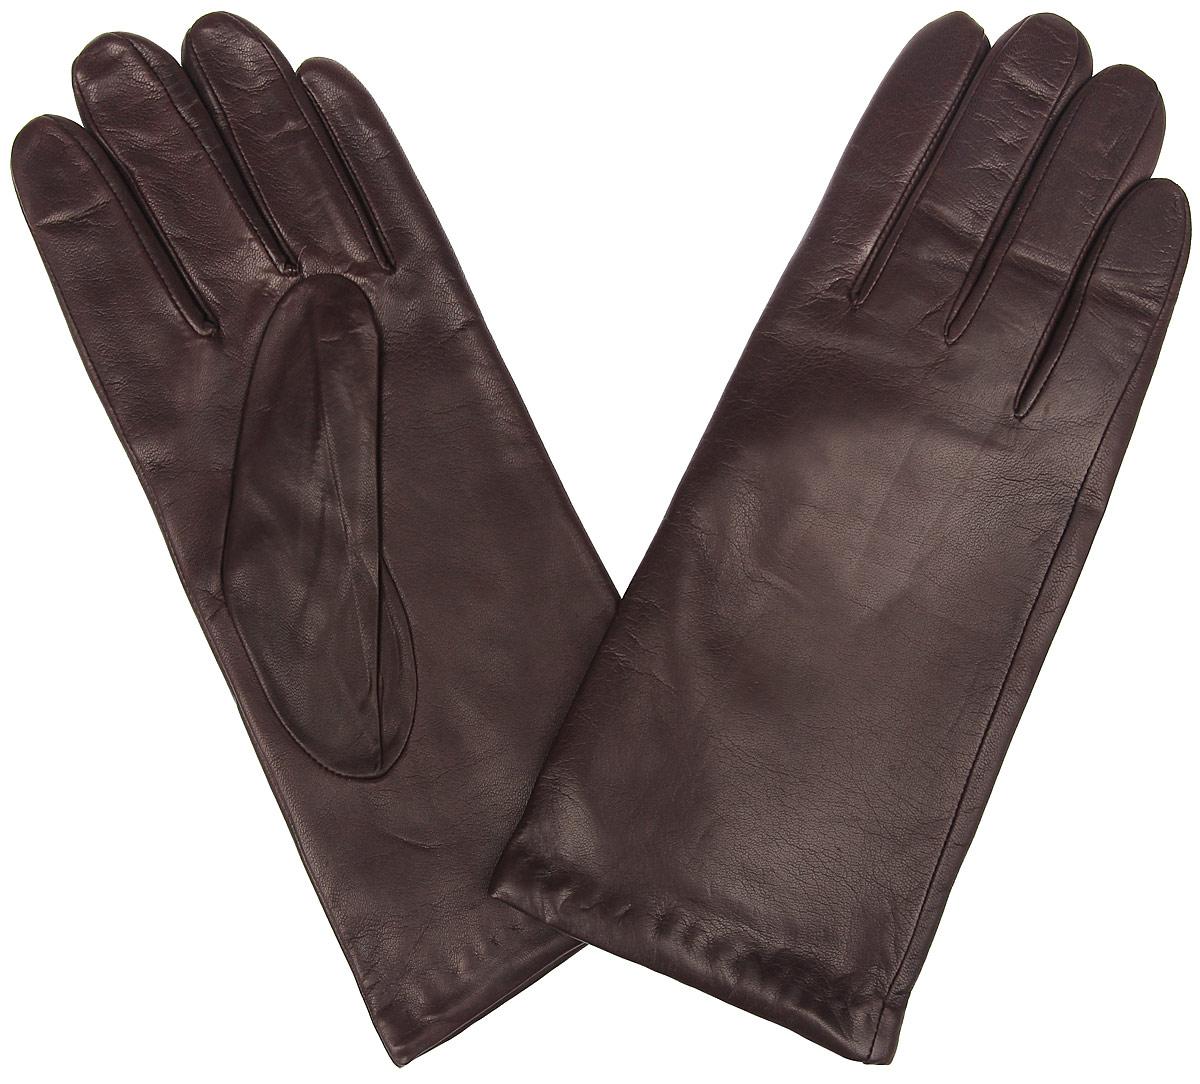 Перчатки женские Eleganzza, цвет: темно-коричневый. IS0190. Размер 8IS0190Стильные женские перчатки Eleganzza не только защитят ваши руки от холода, но и станут великолепным украшением. Перчатки выполнены из натуральной кожи ягненка, подкладка - из 100% искусственного шелка.В настоящее время перчатки являются неотъемлемой принадлежностью одежды, вместе с этим аксессуаром вы обретаете женственность и элегантность. Перчатки станут завершающим и подчеркивающим элементом вашего стиля и неповторимости.